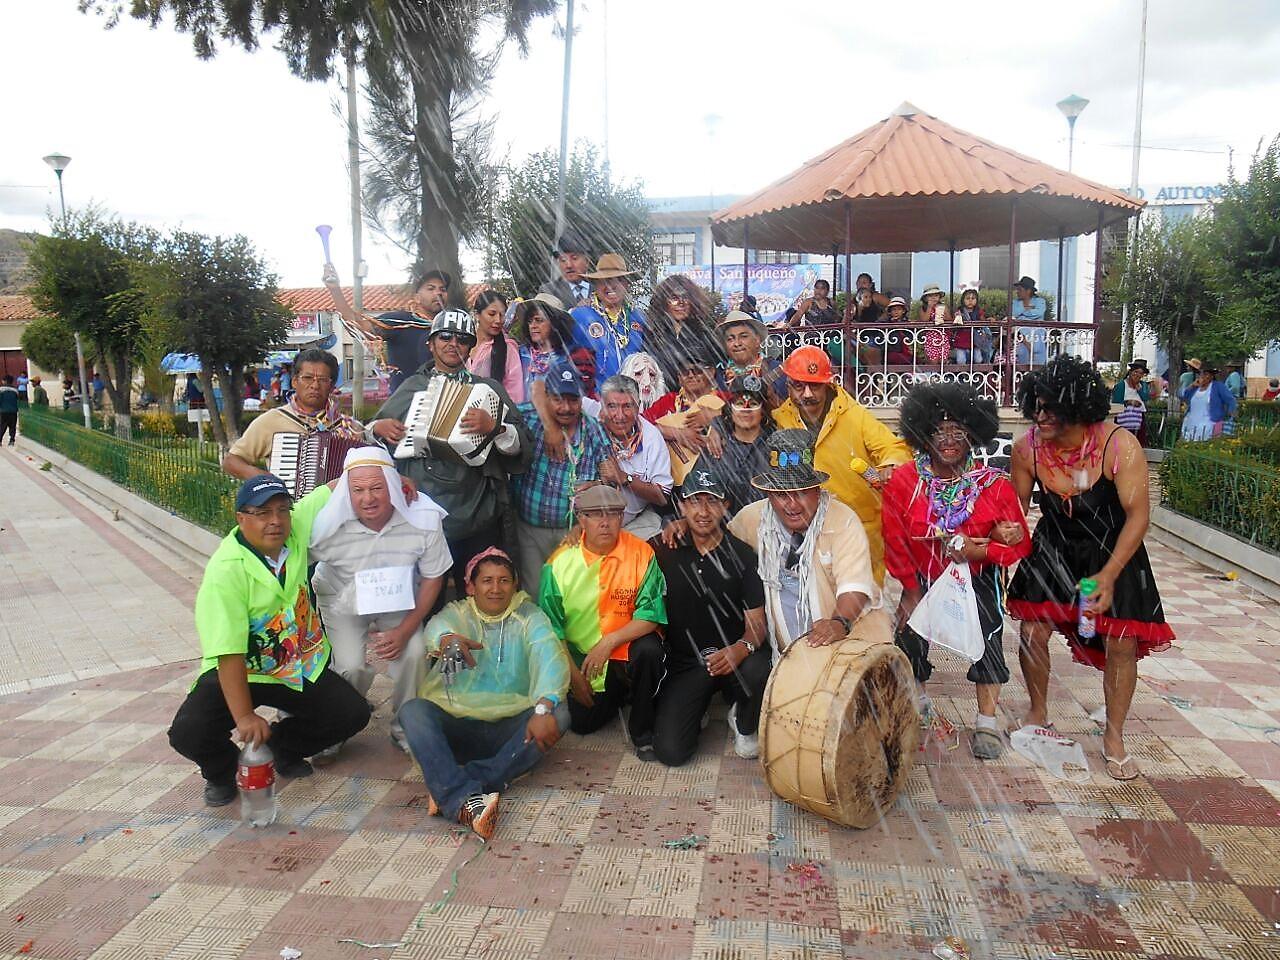 Autóctono y criollo: El Carnaval de San Lucas es para compartir